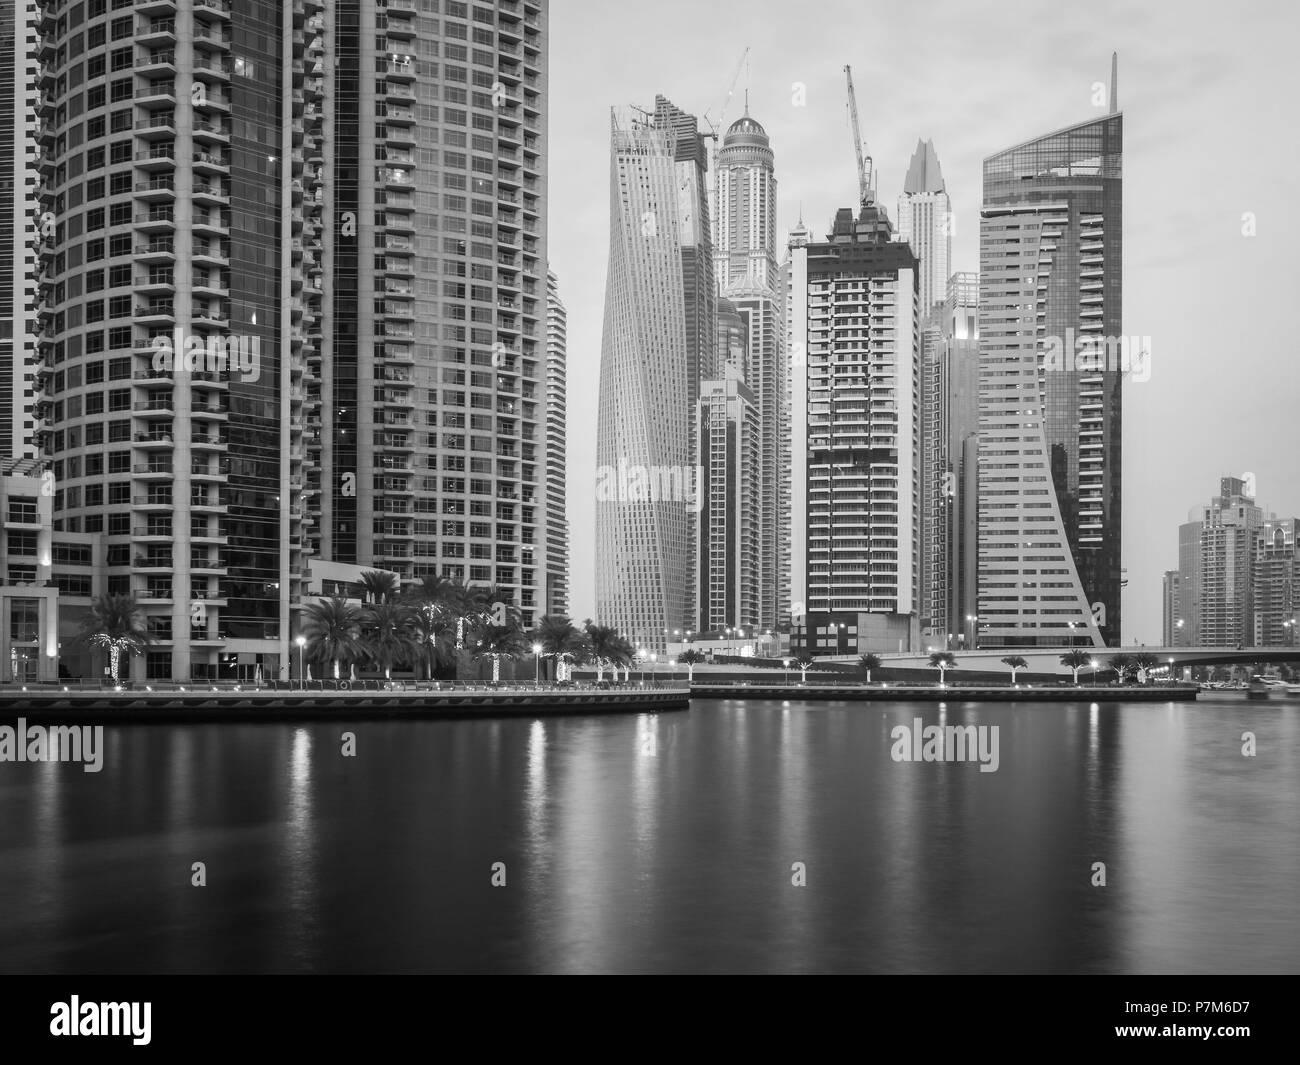 Panorama monocromatico di grattacieli a Marina di Dubai, Emirati Arabi Uniti Immagini Stock